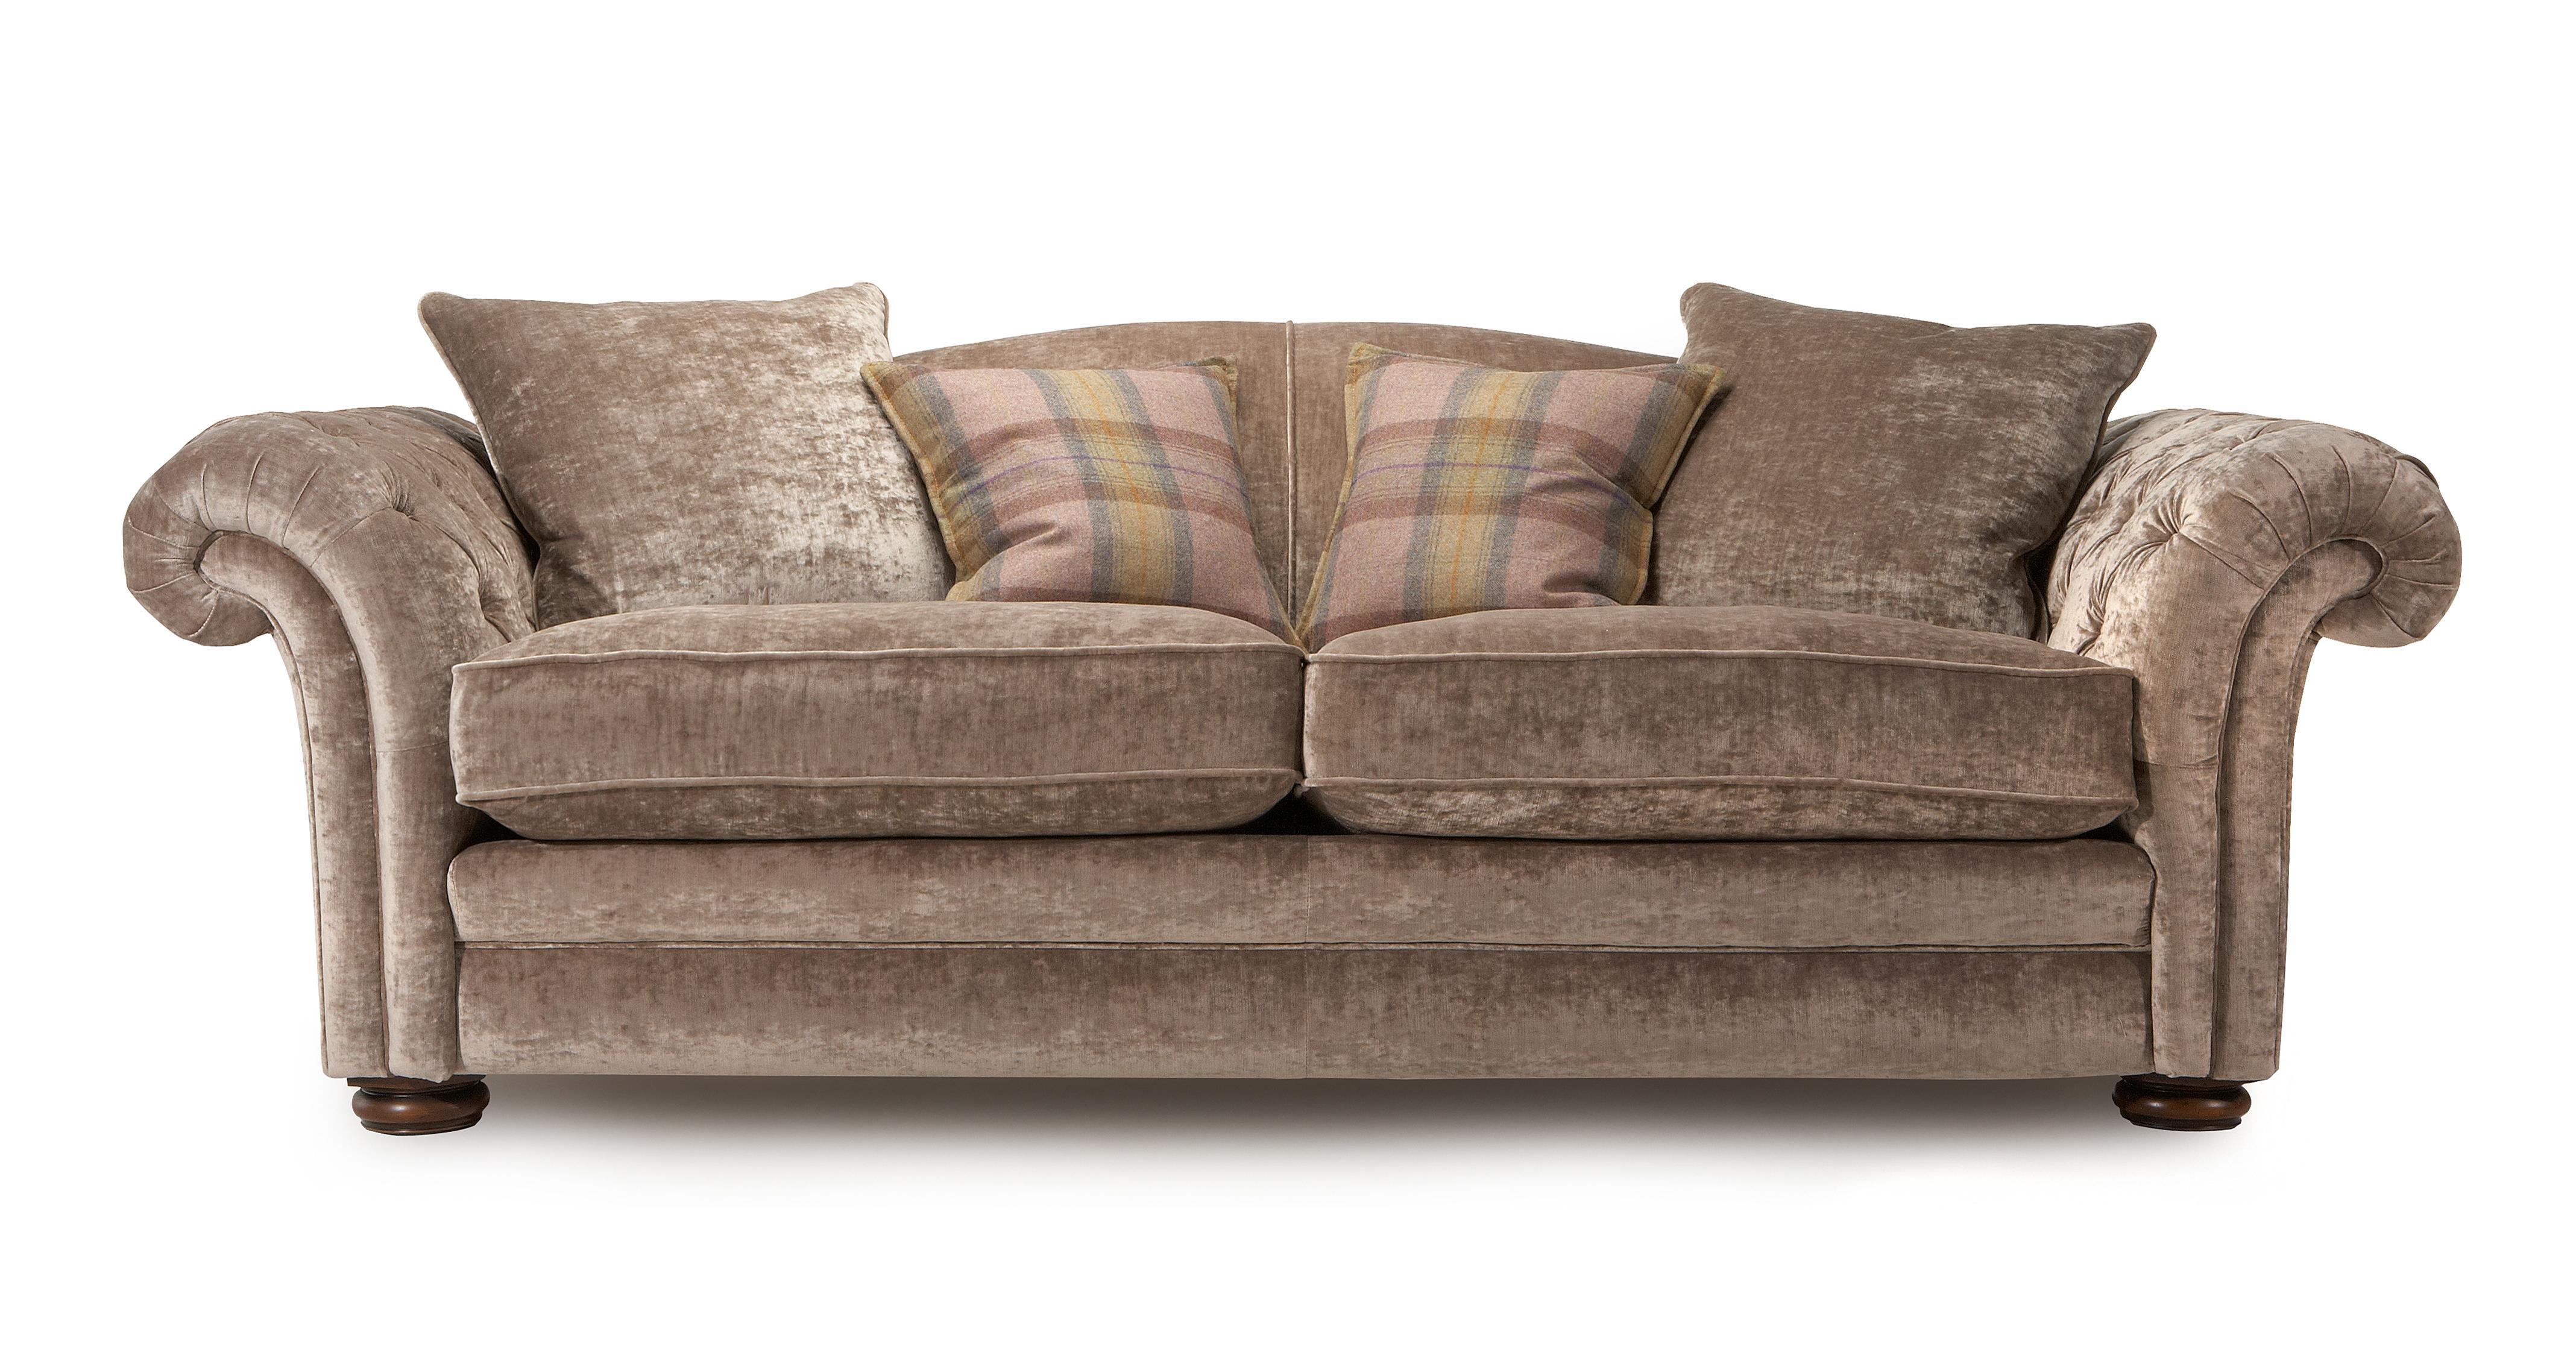 Loch Leven Grand Pillow Back Sofa | DFS Ireland